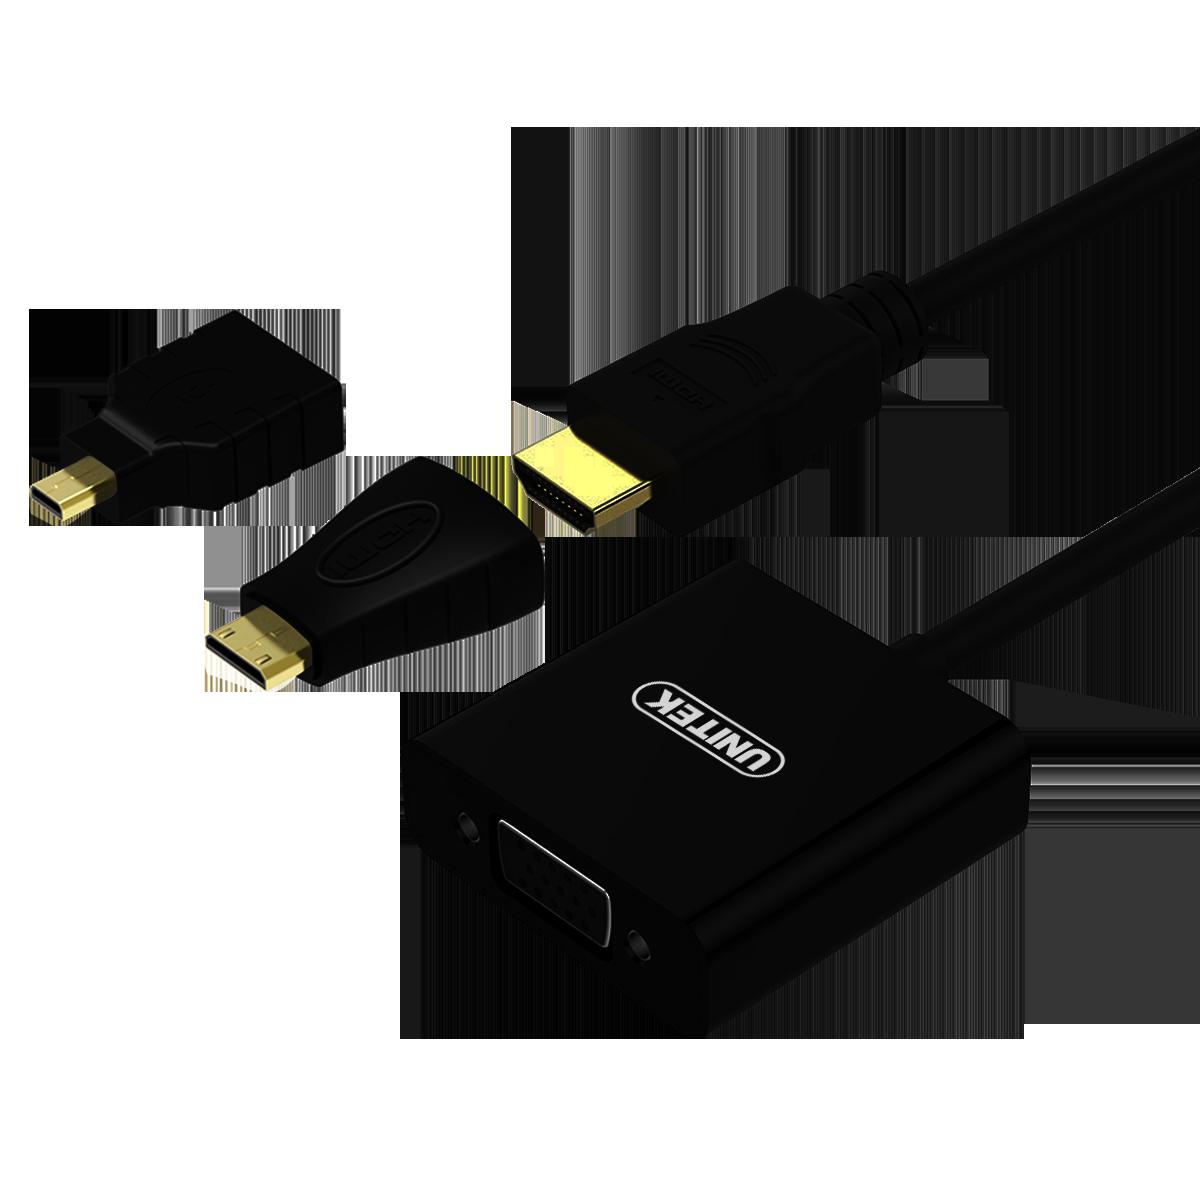 Y-6355 HDMI to VGA轉接器 (配 Micro HDMI to HDMI/ Mini HDMI to HDMI 轉接頭)